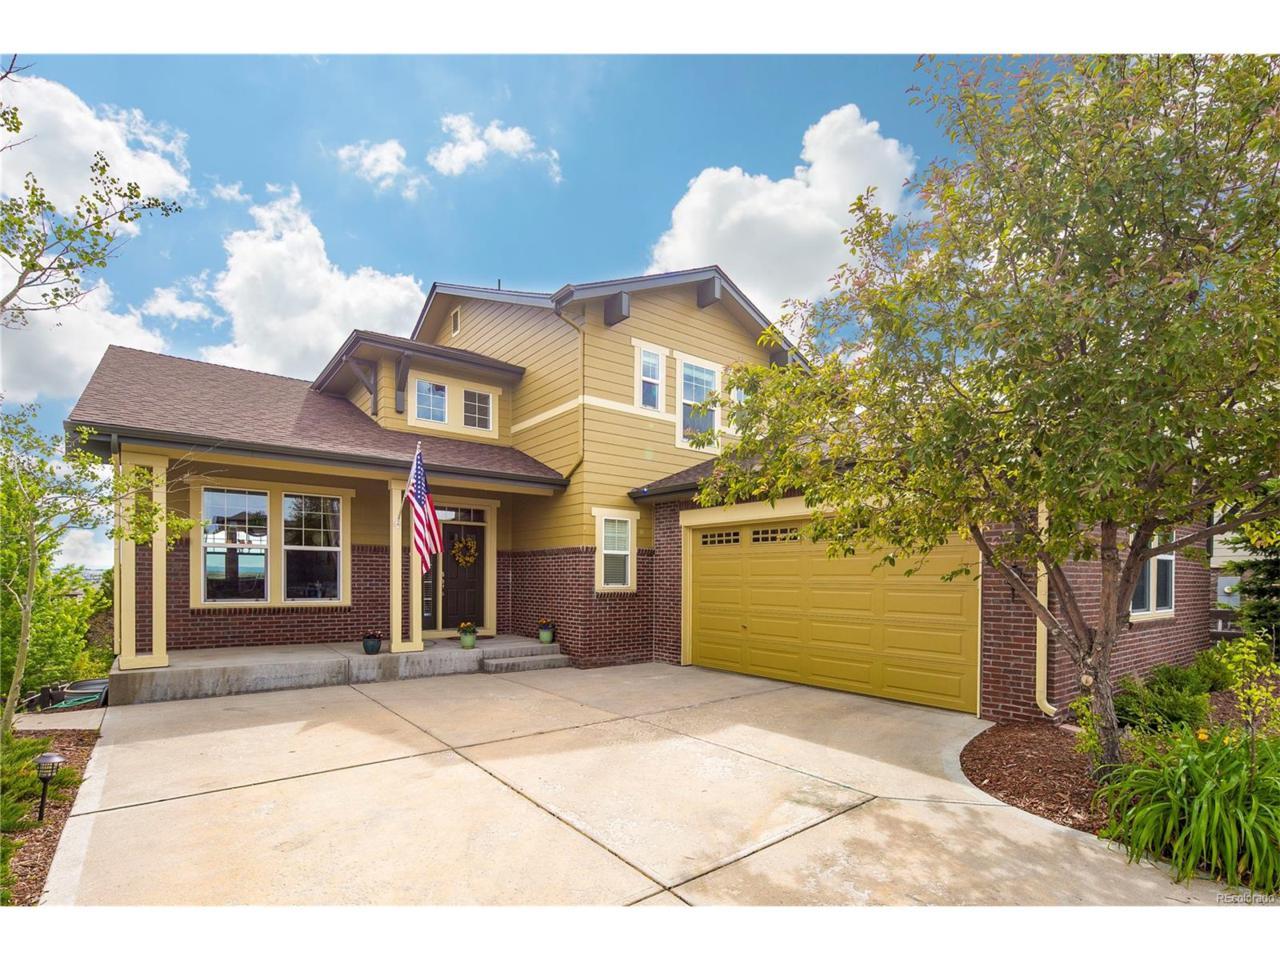 6891 S Haleyville Court, Aurora, CO 80016 (MLS #6414652) :: 8z Real Estate